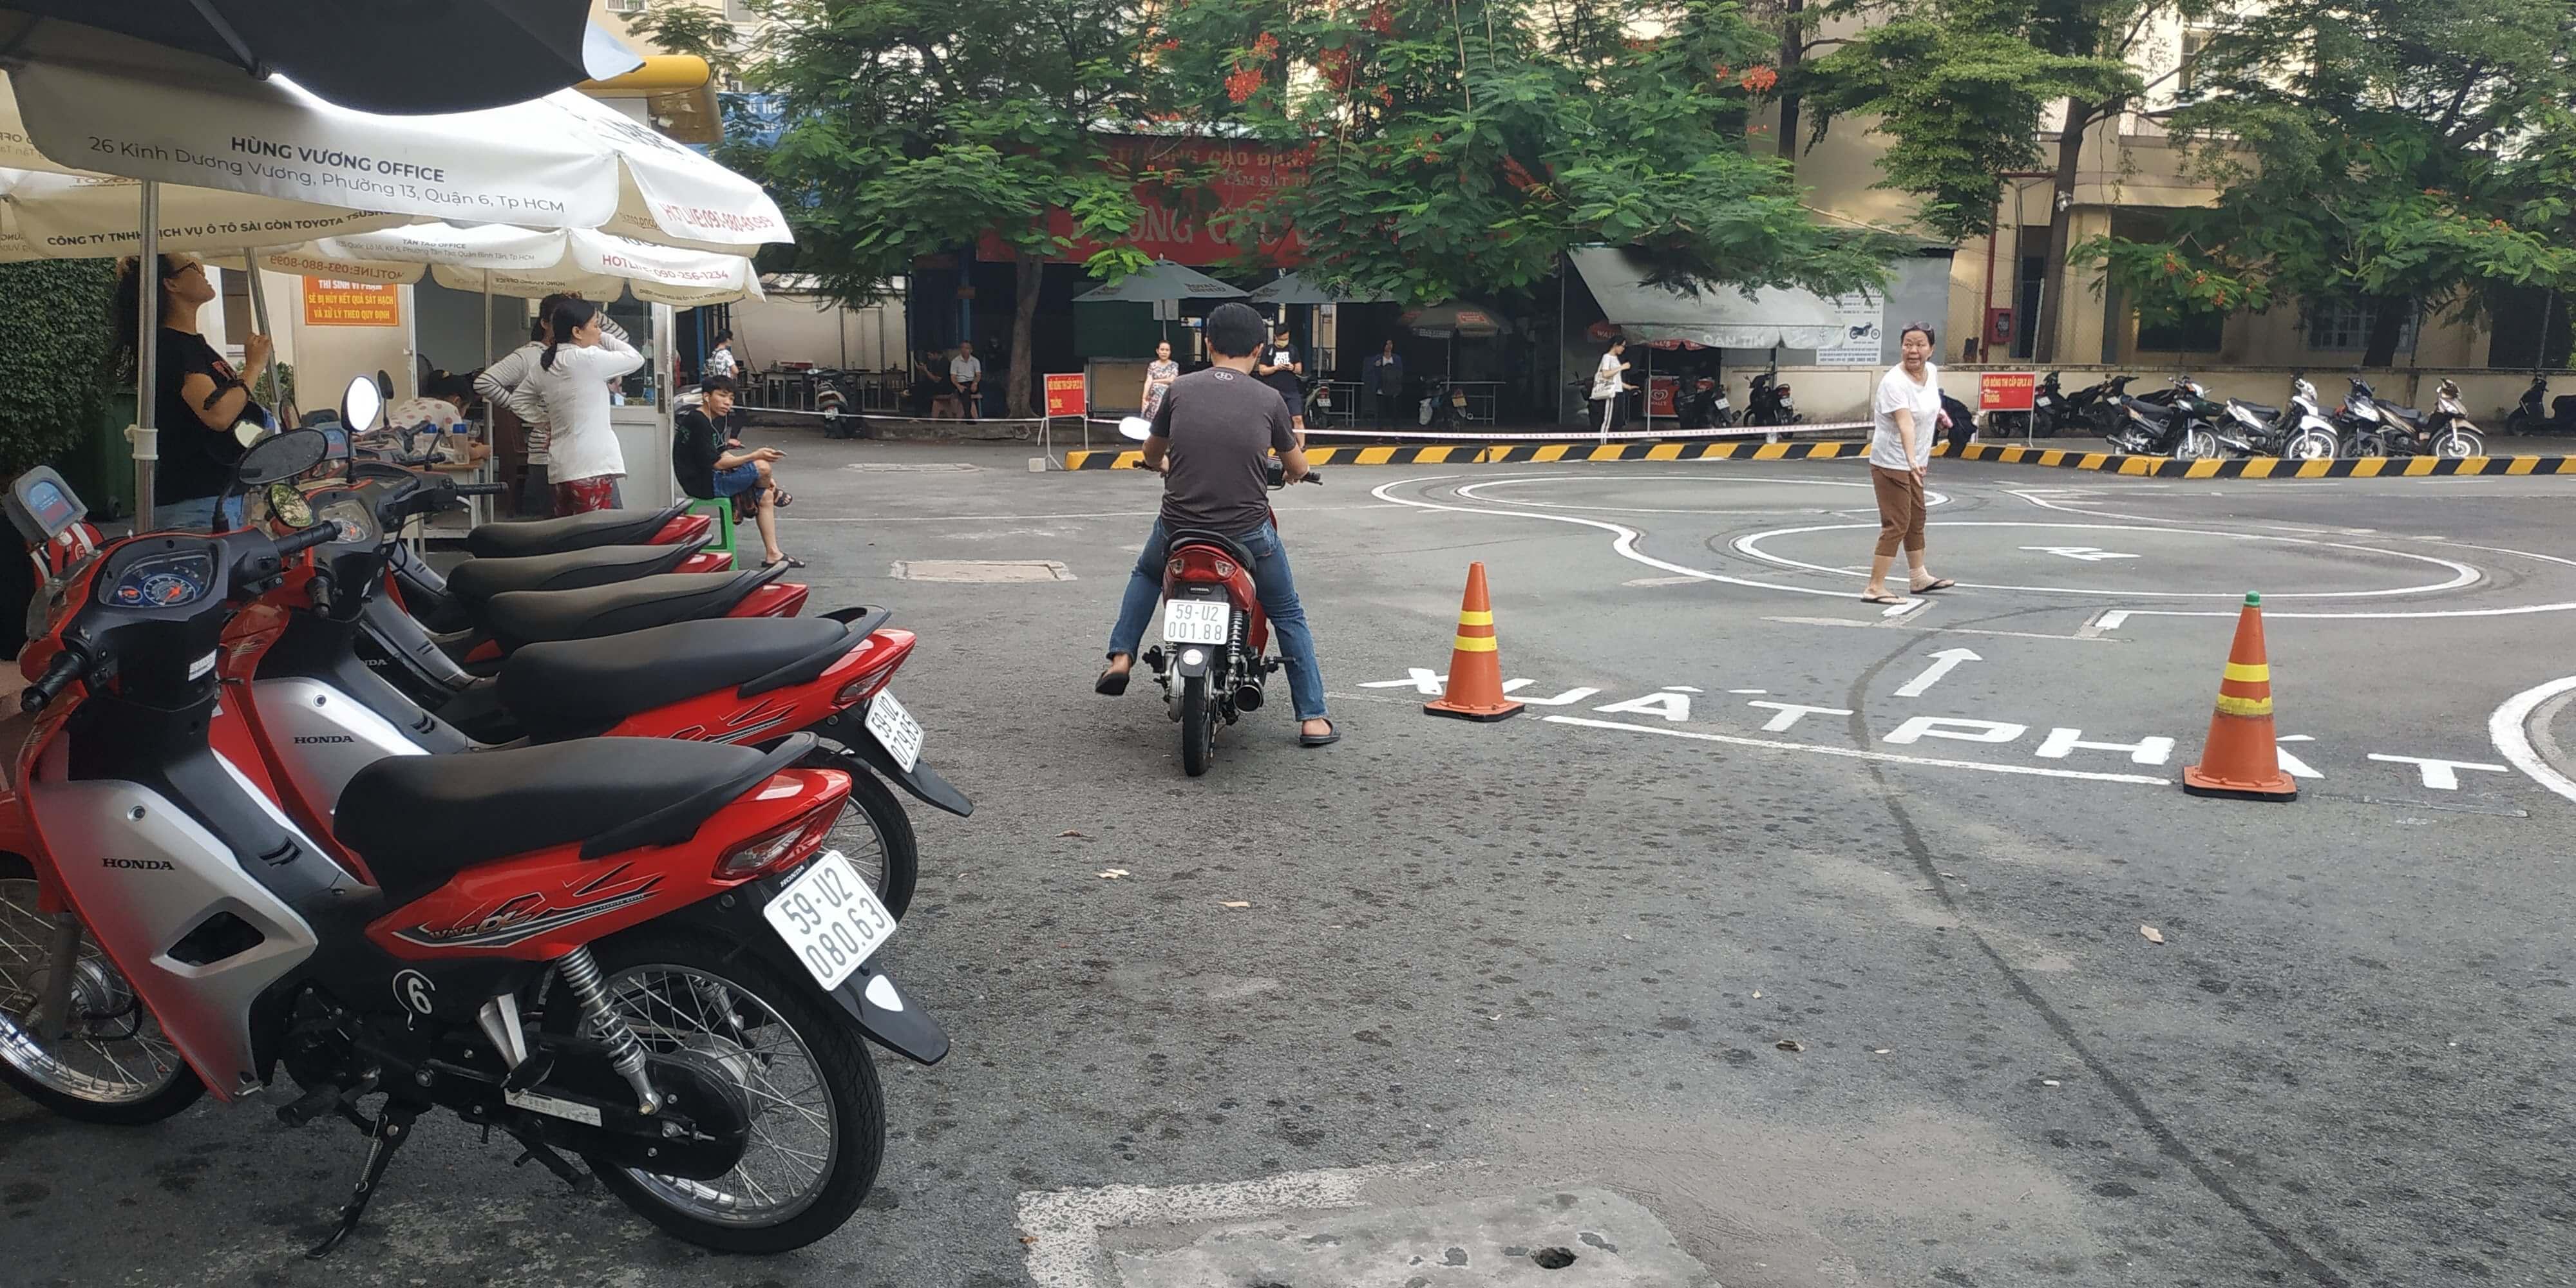 Thi bằng lái xe máy xong bao lâu có